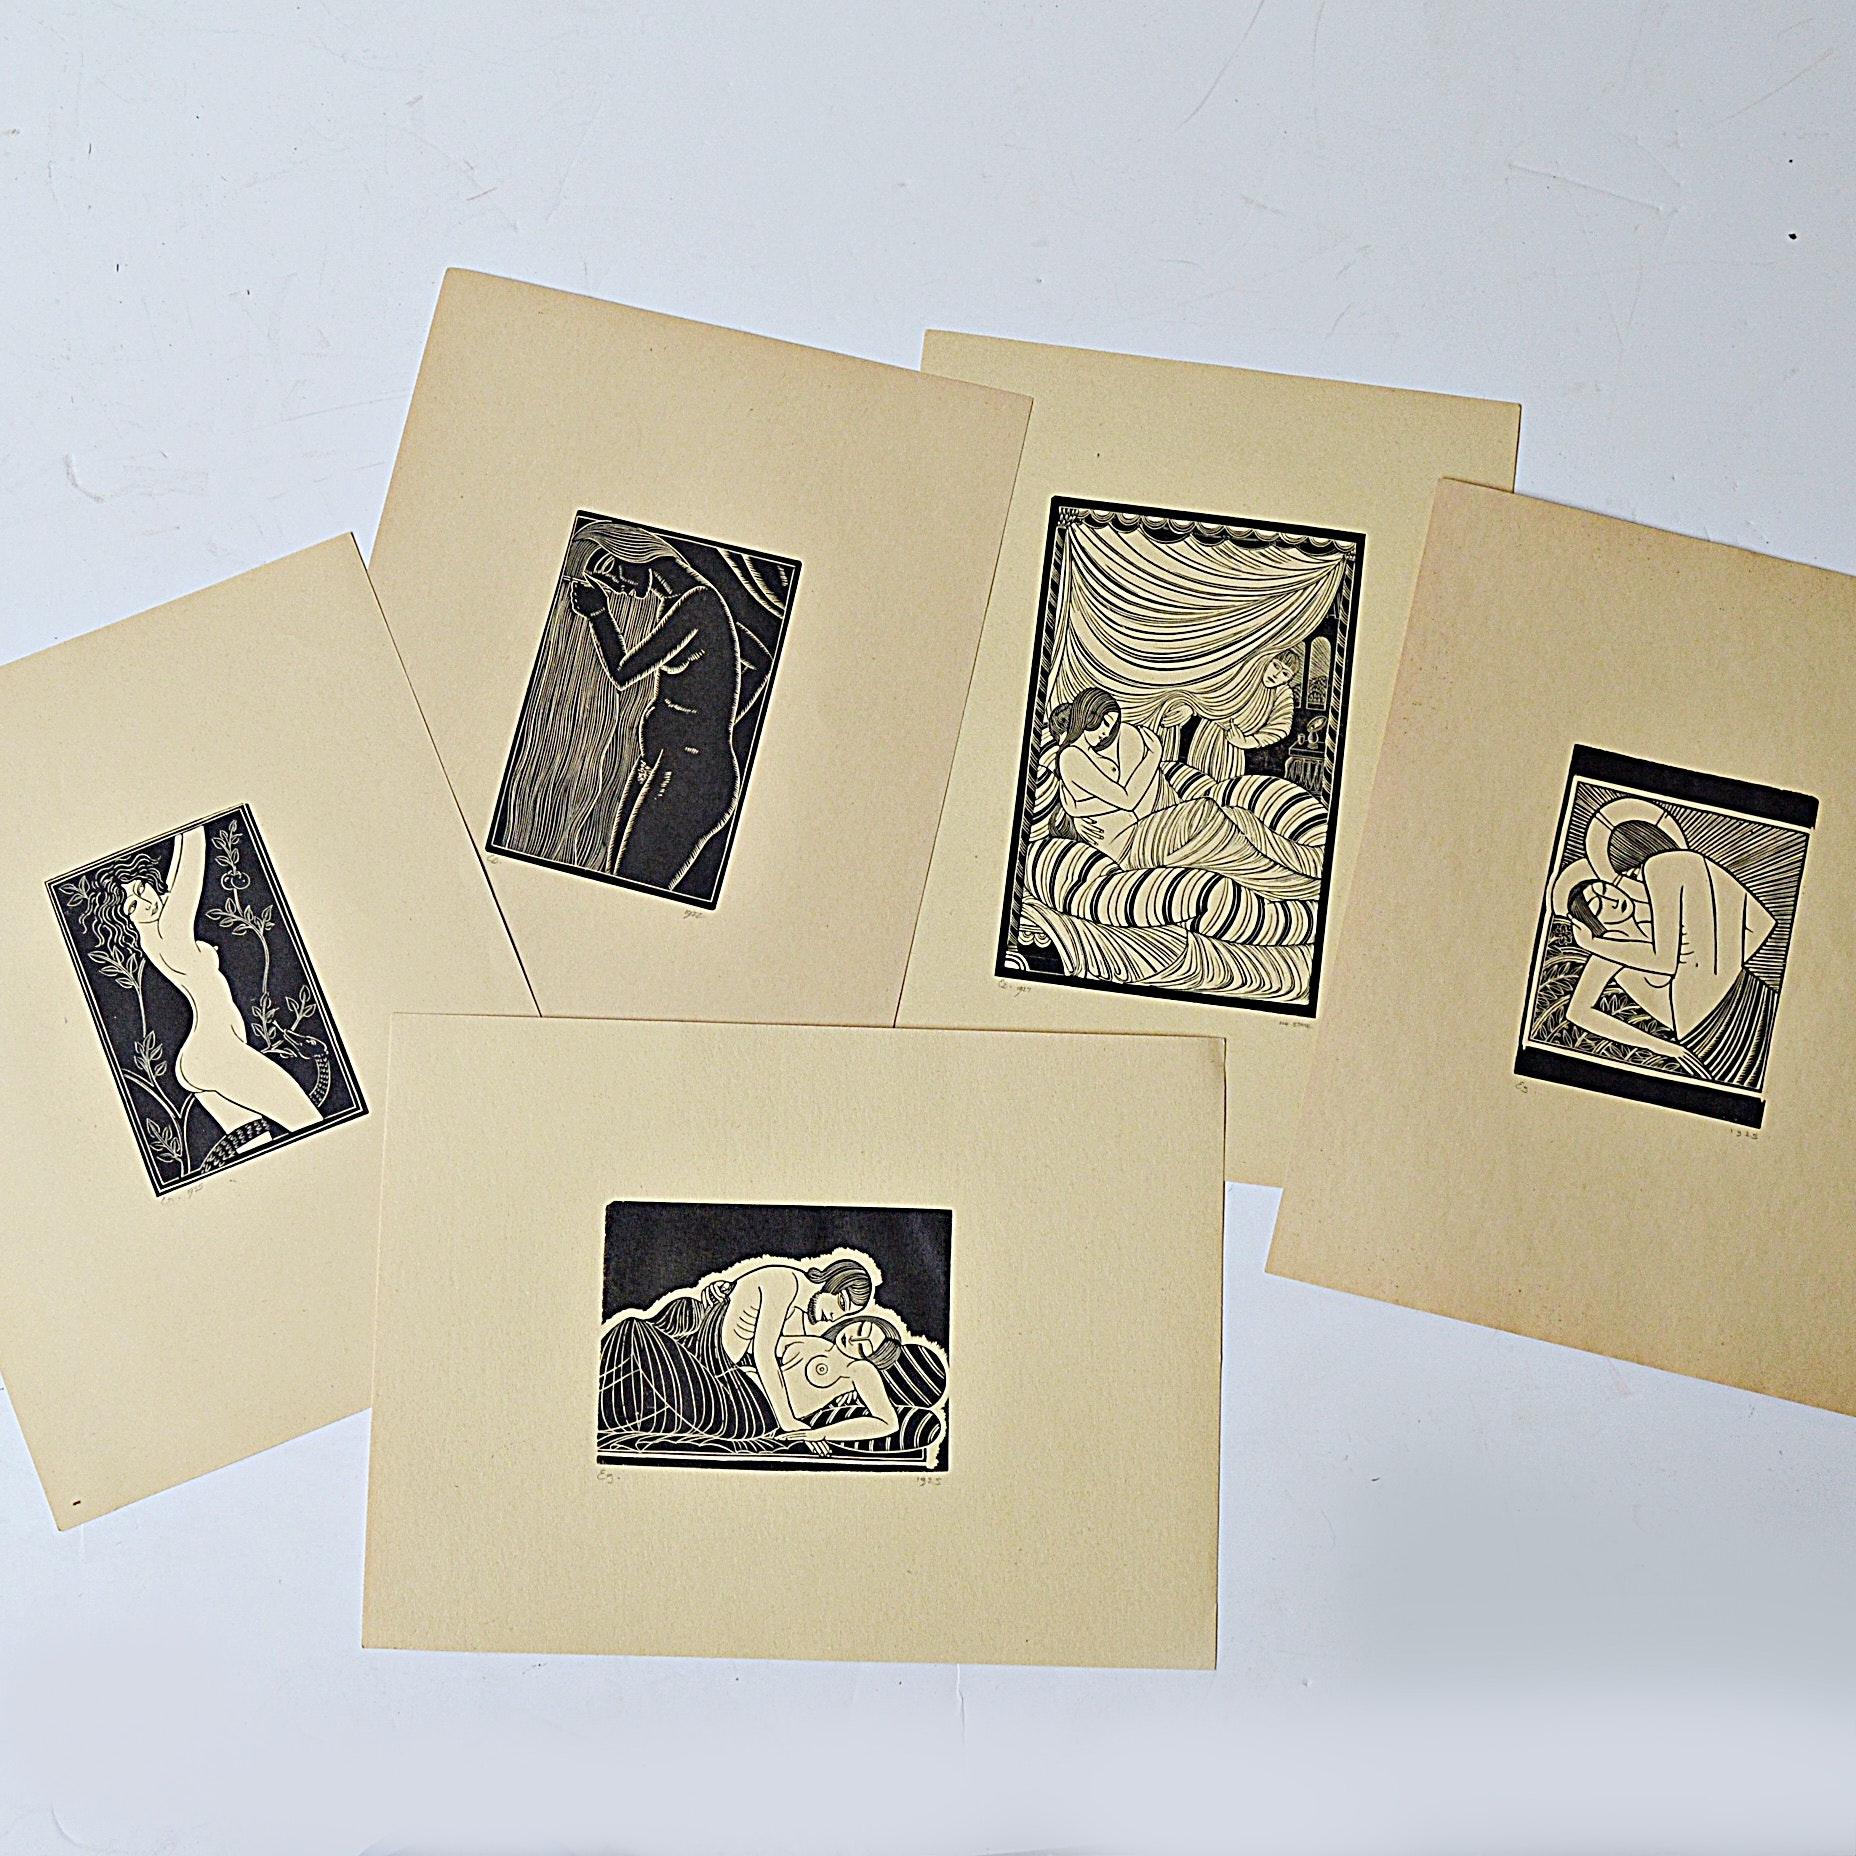 1920s-1930s Art Deco Erotica Woodblock Prints After Eric Gill